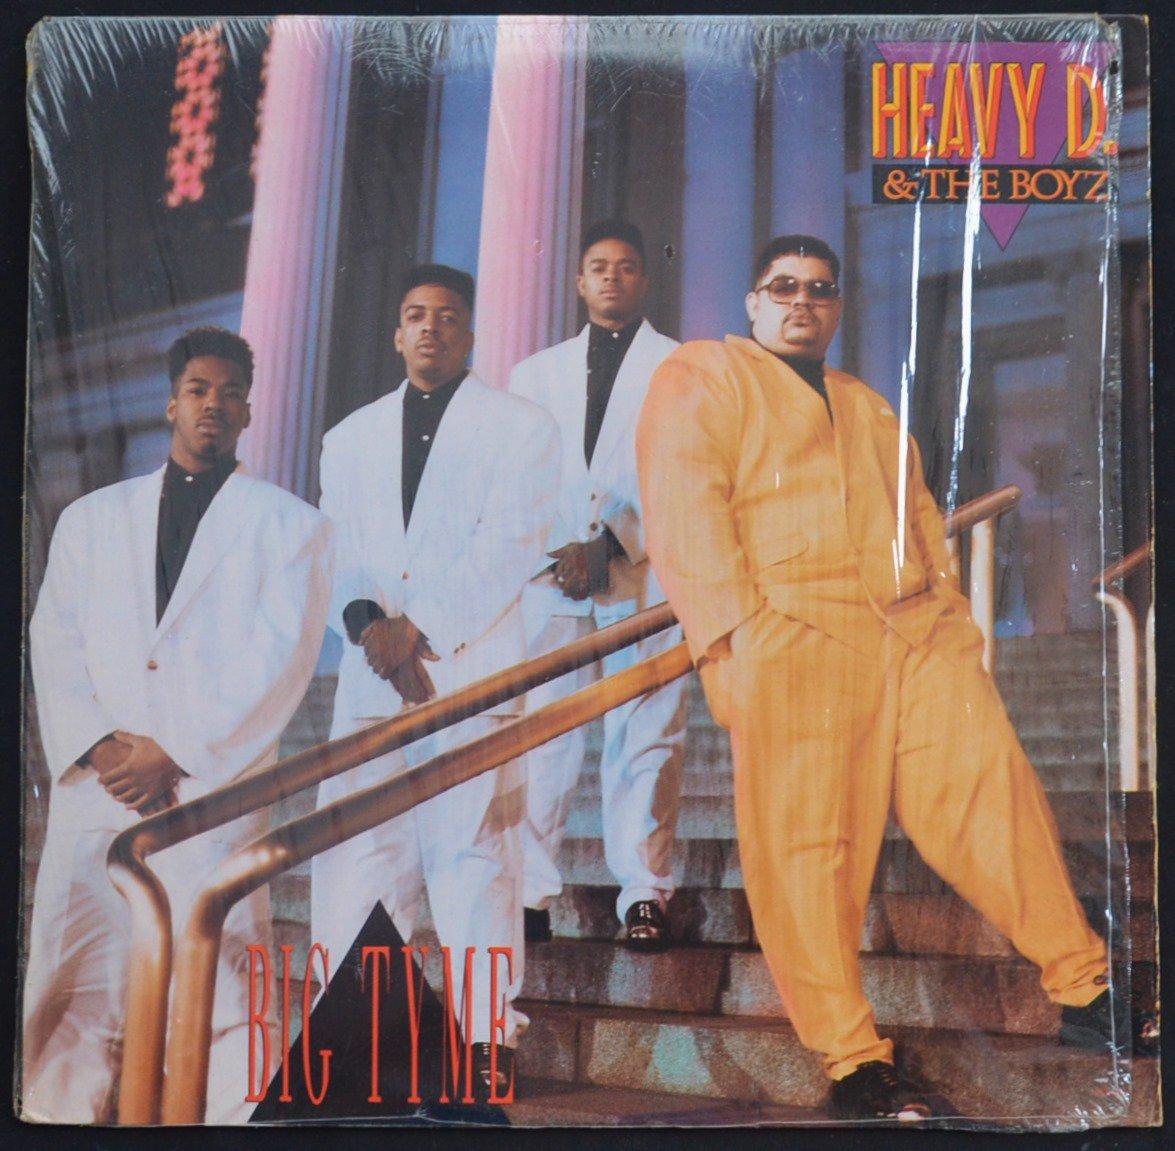 HEAVY D. & THE BOYZ / BIG TYME (1LP)